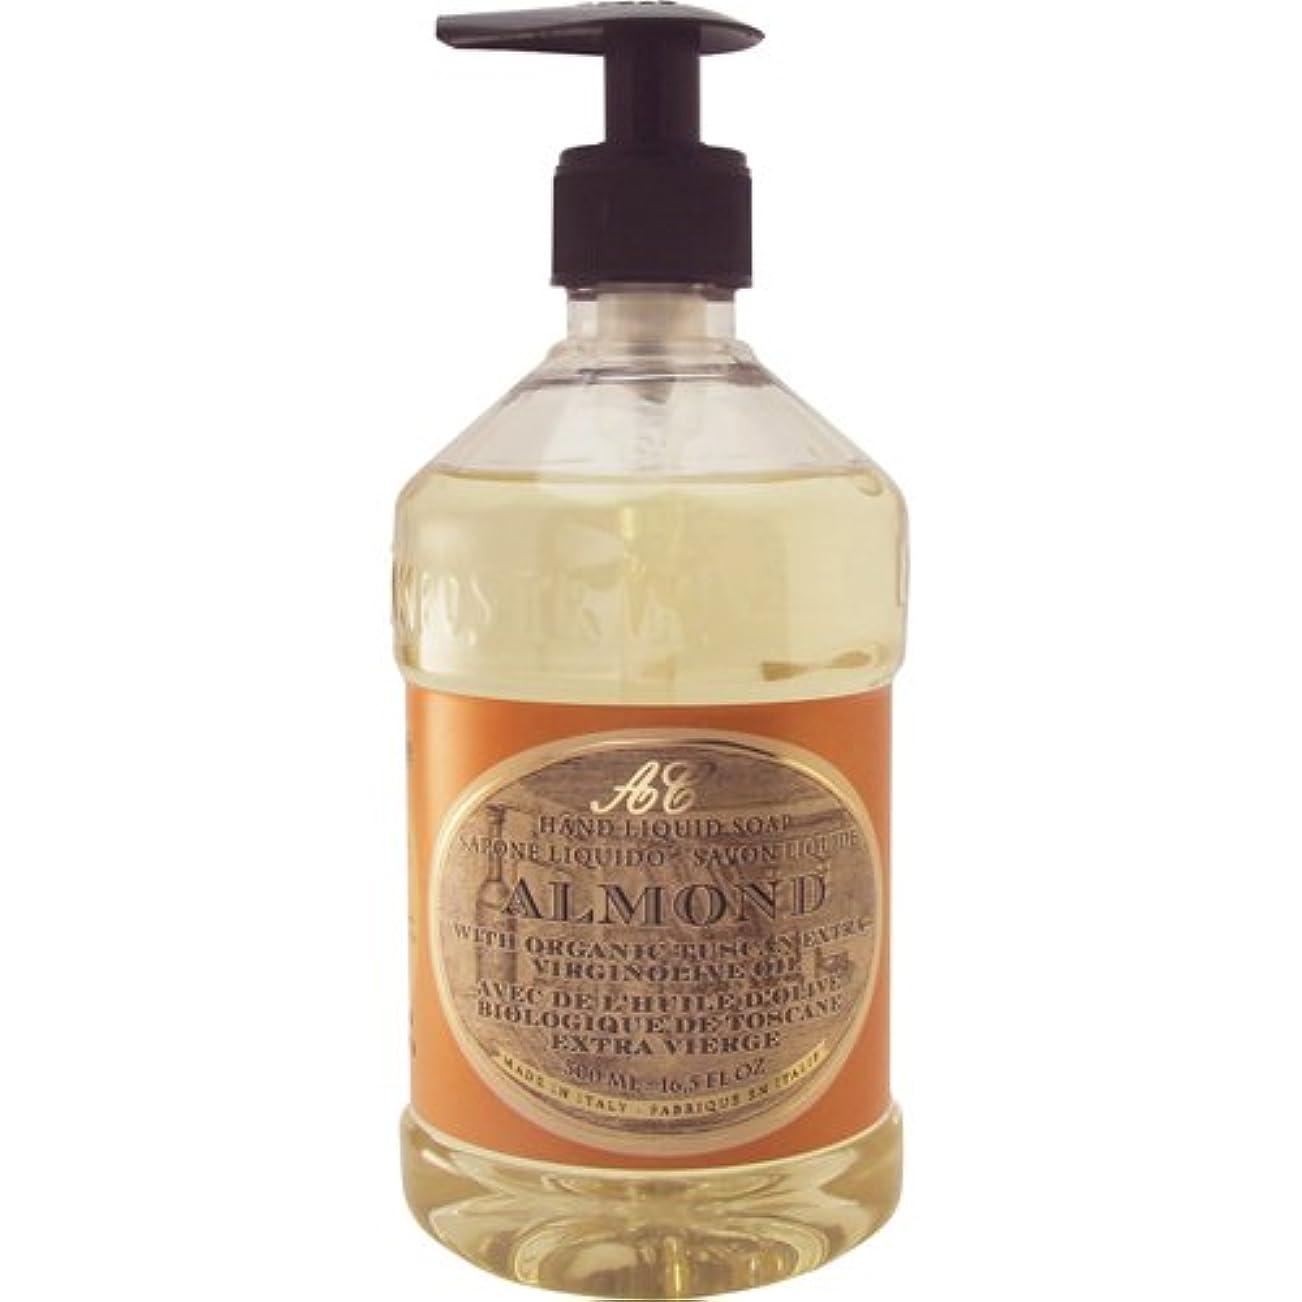 コンペ解明尽きるSaponerire Fissi レトロシリーズ Liquid Soap リキッドソープ 500ml Almond アーモンドオイル